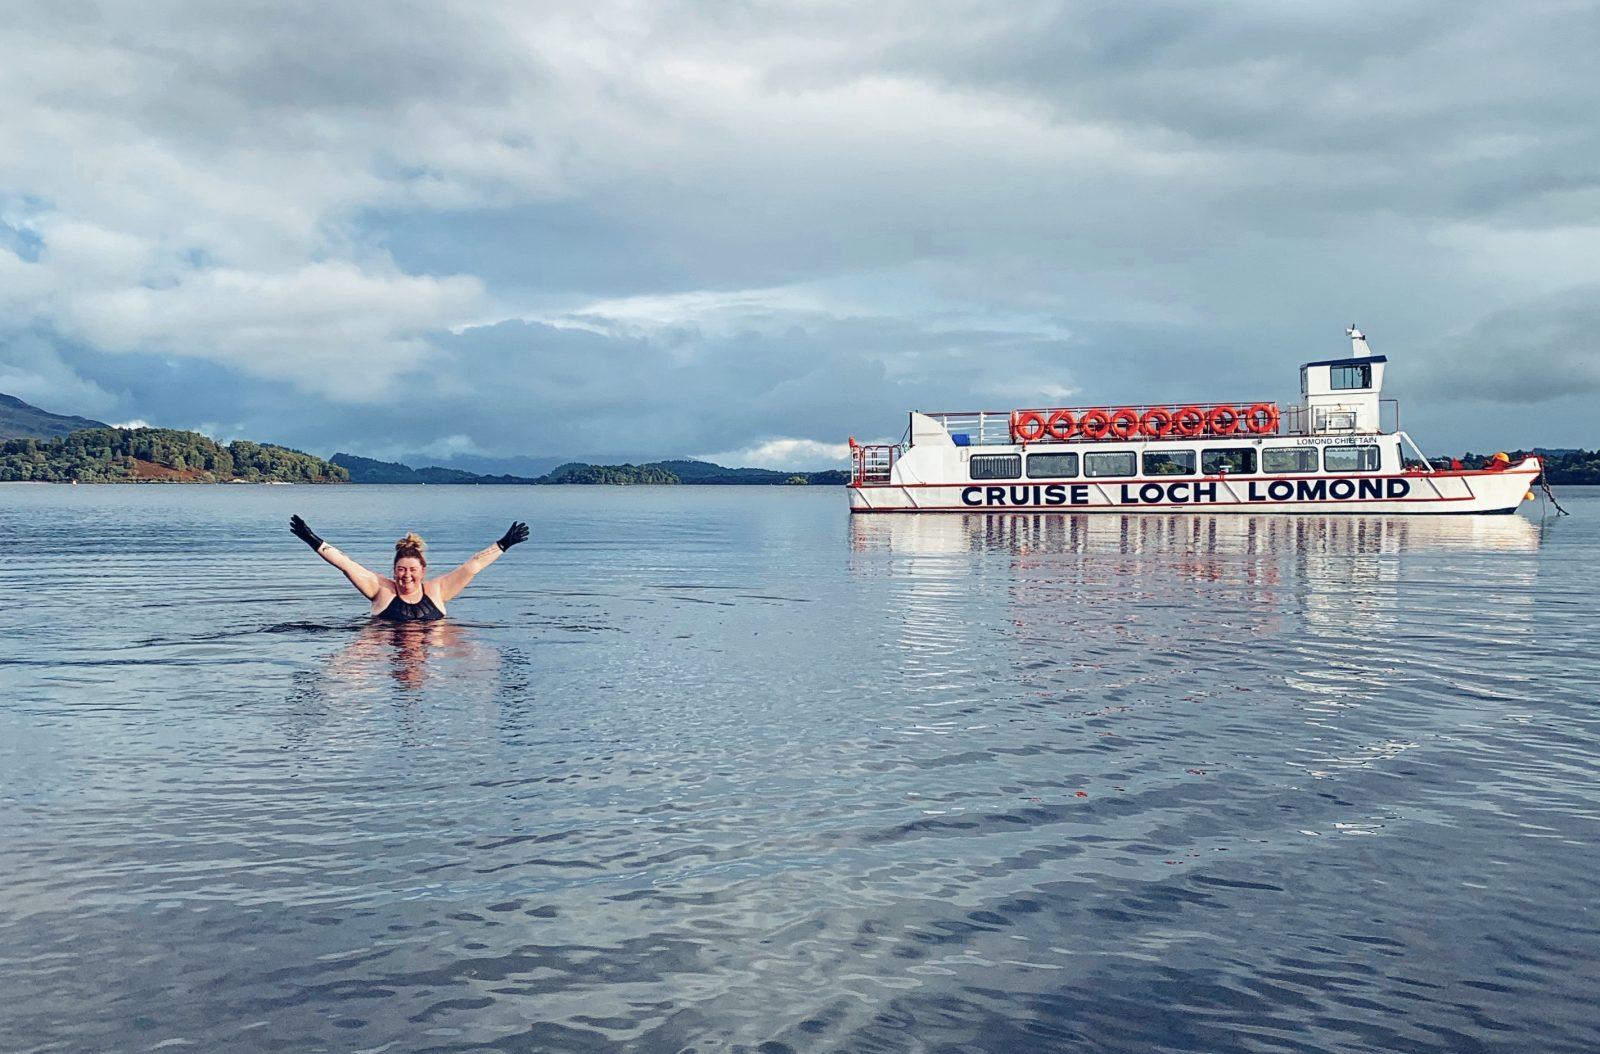 Wild swimming Loch Lomond